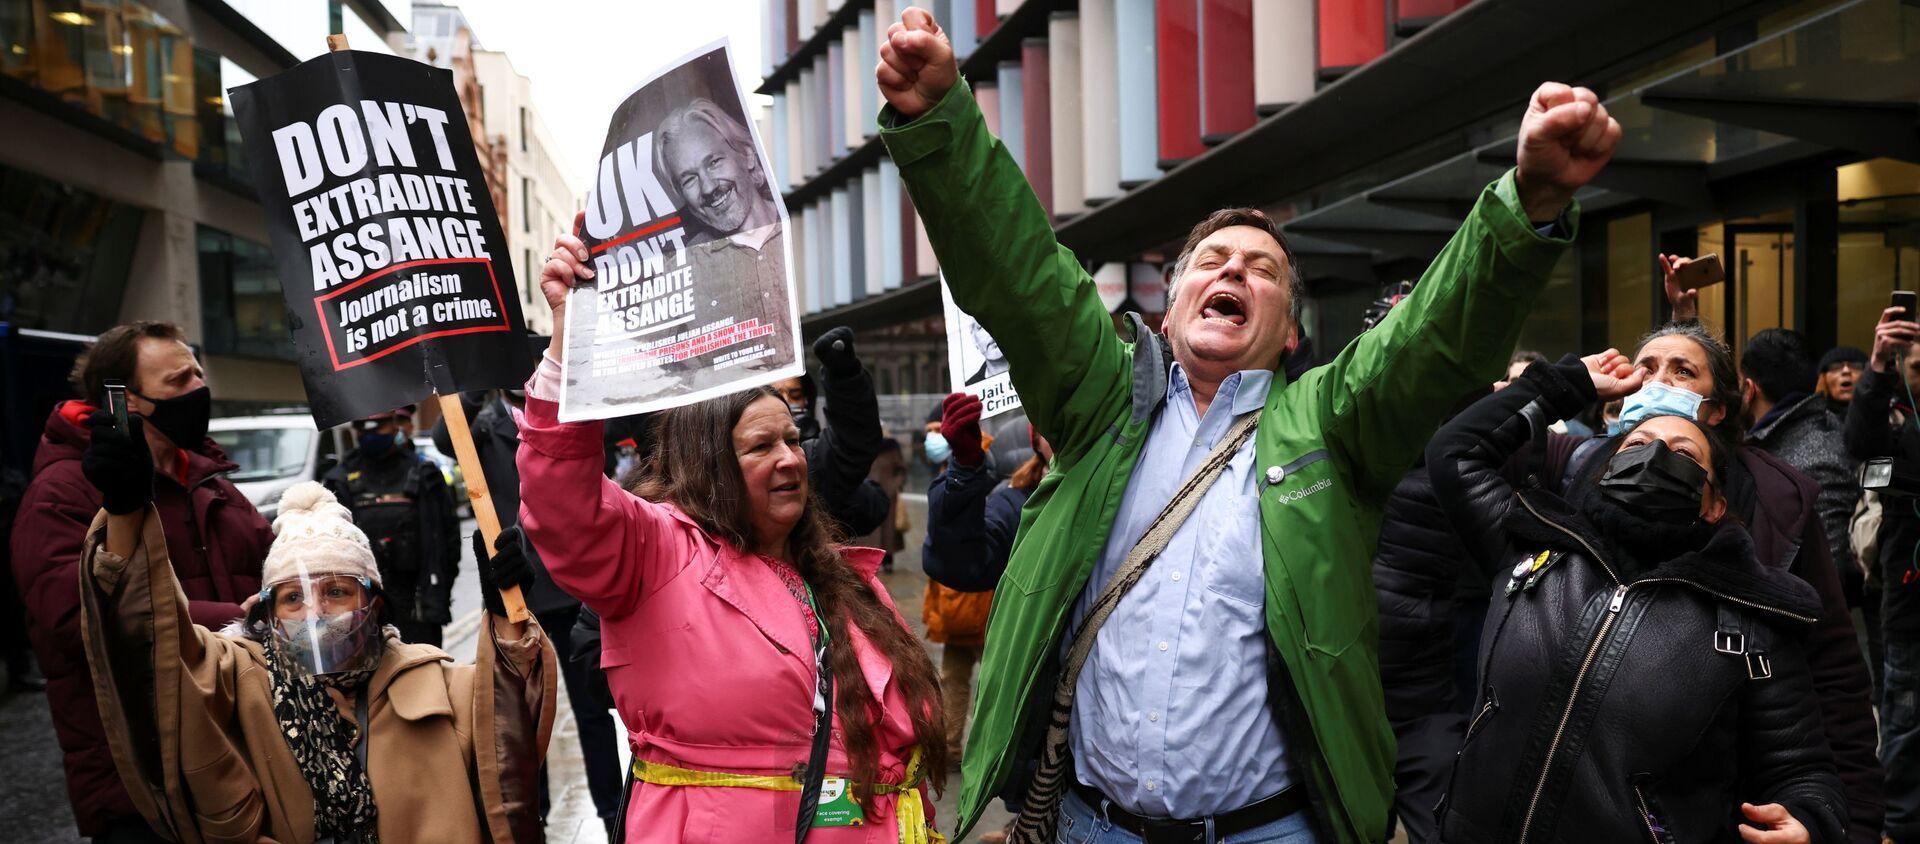 WikiLeaks kurucusu Julian Assange'ın Washington'a teslim edilmesi yönündeki talebin reddedilmesi, Londra'daki mahkeme önünde toplanan ifade, basın ve bilgi edinme özgürlüğü taraftarlarınca kutlamalarla karşılandı. - Sputnik Türkiye, 1920, 04.01.2021